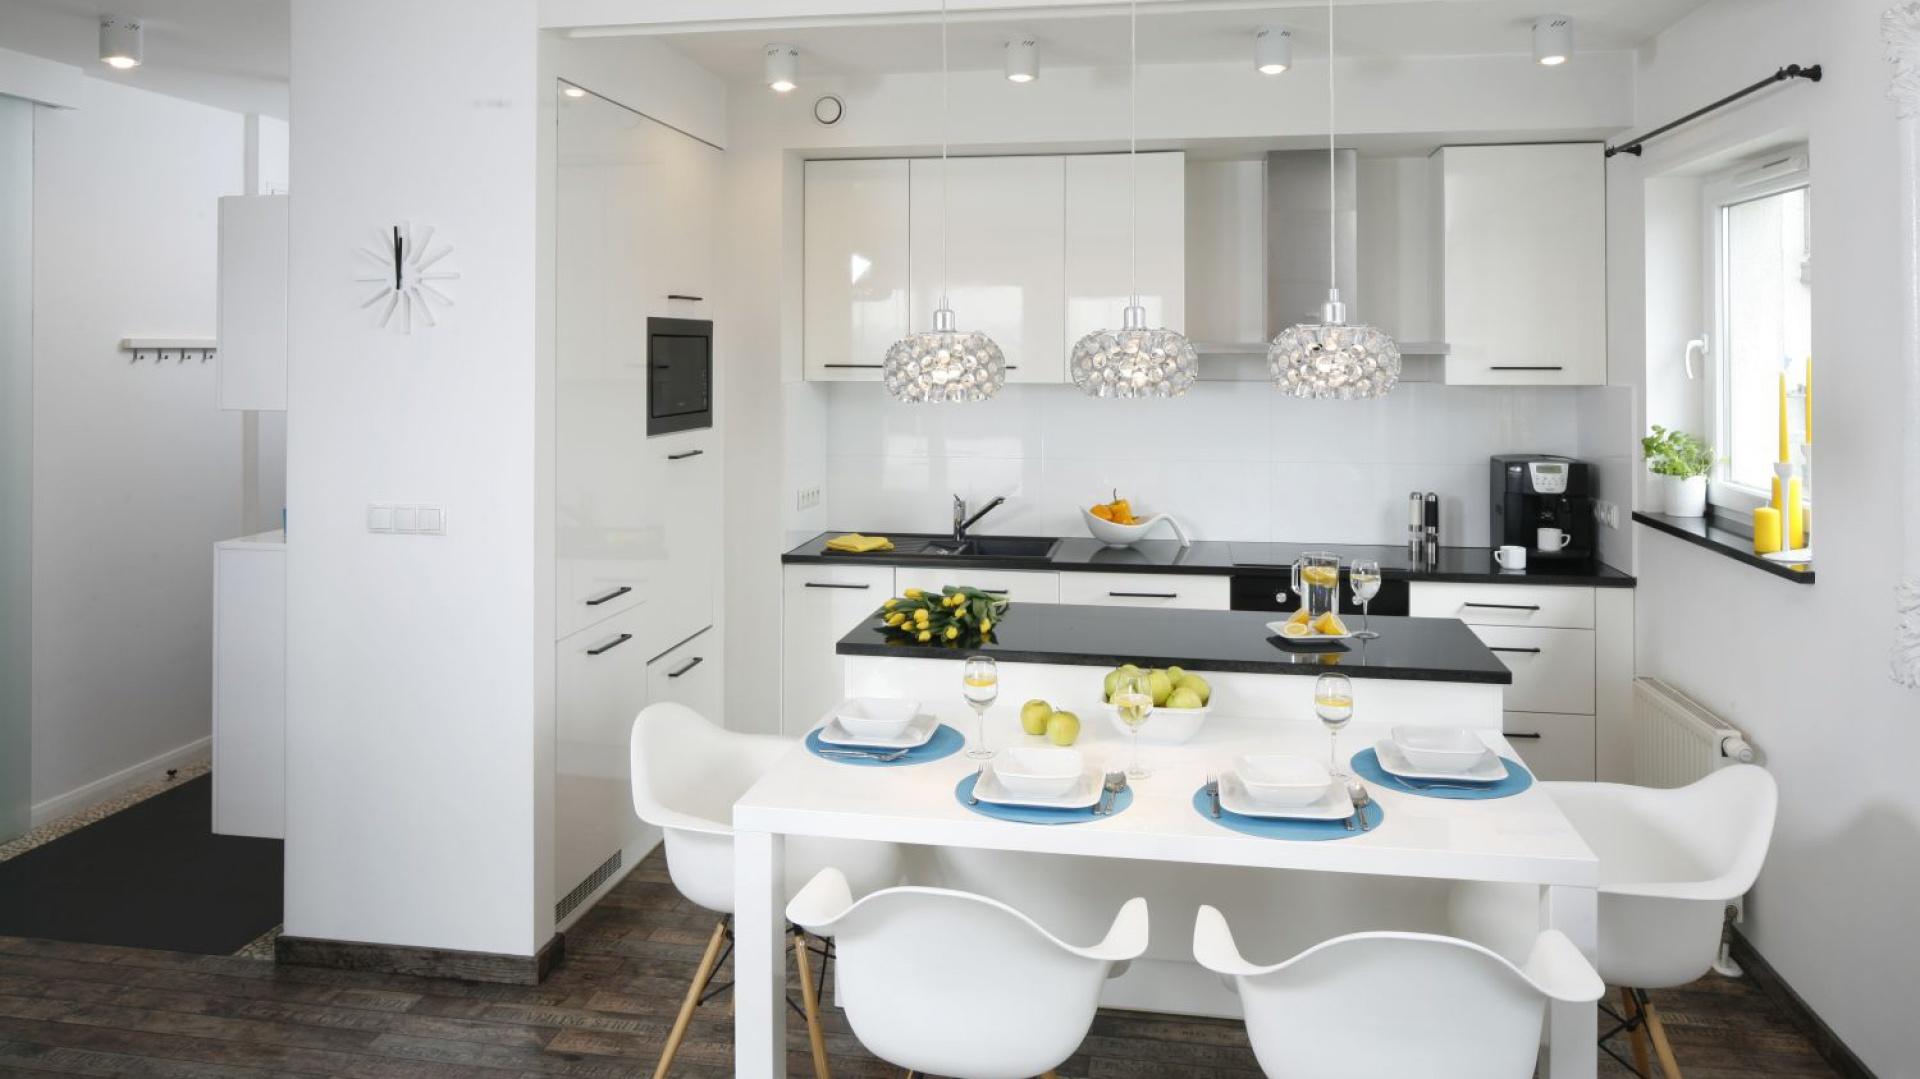 Pokój Z Kuchnią I Jadalnią 20 Pięknych Wnętrz